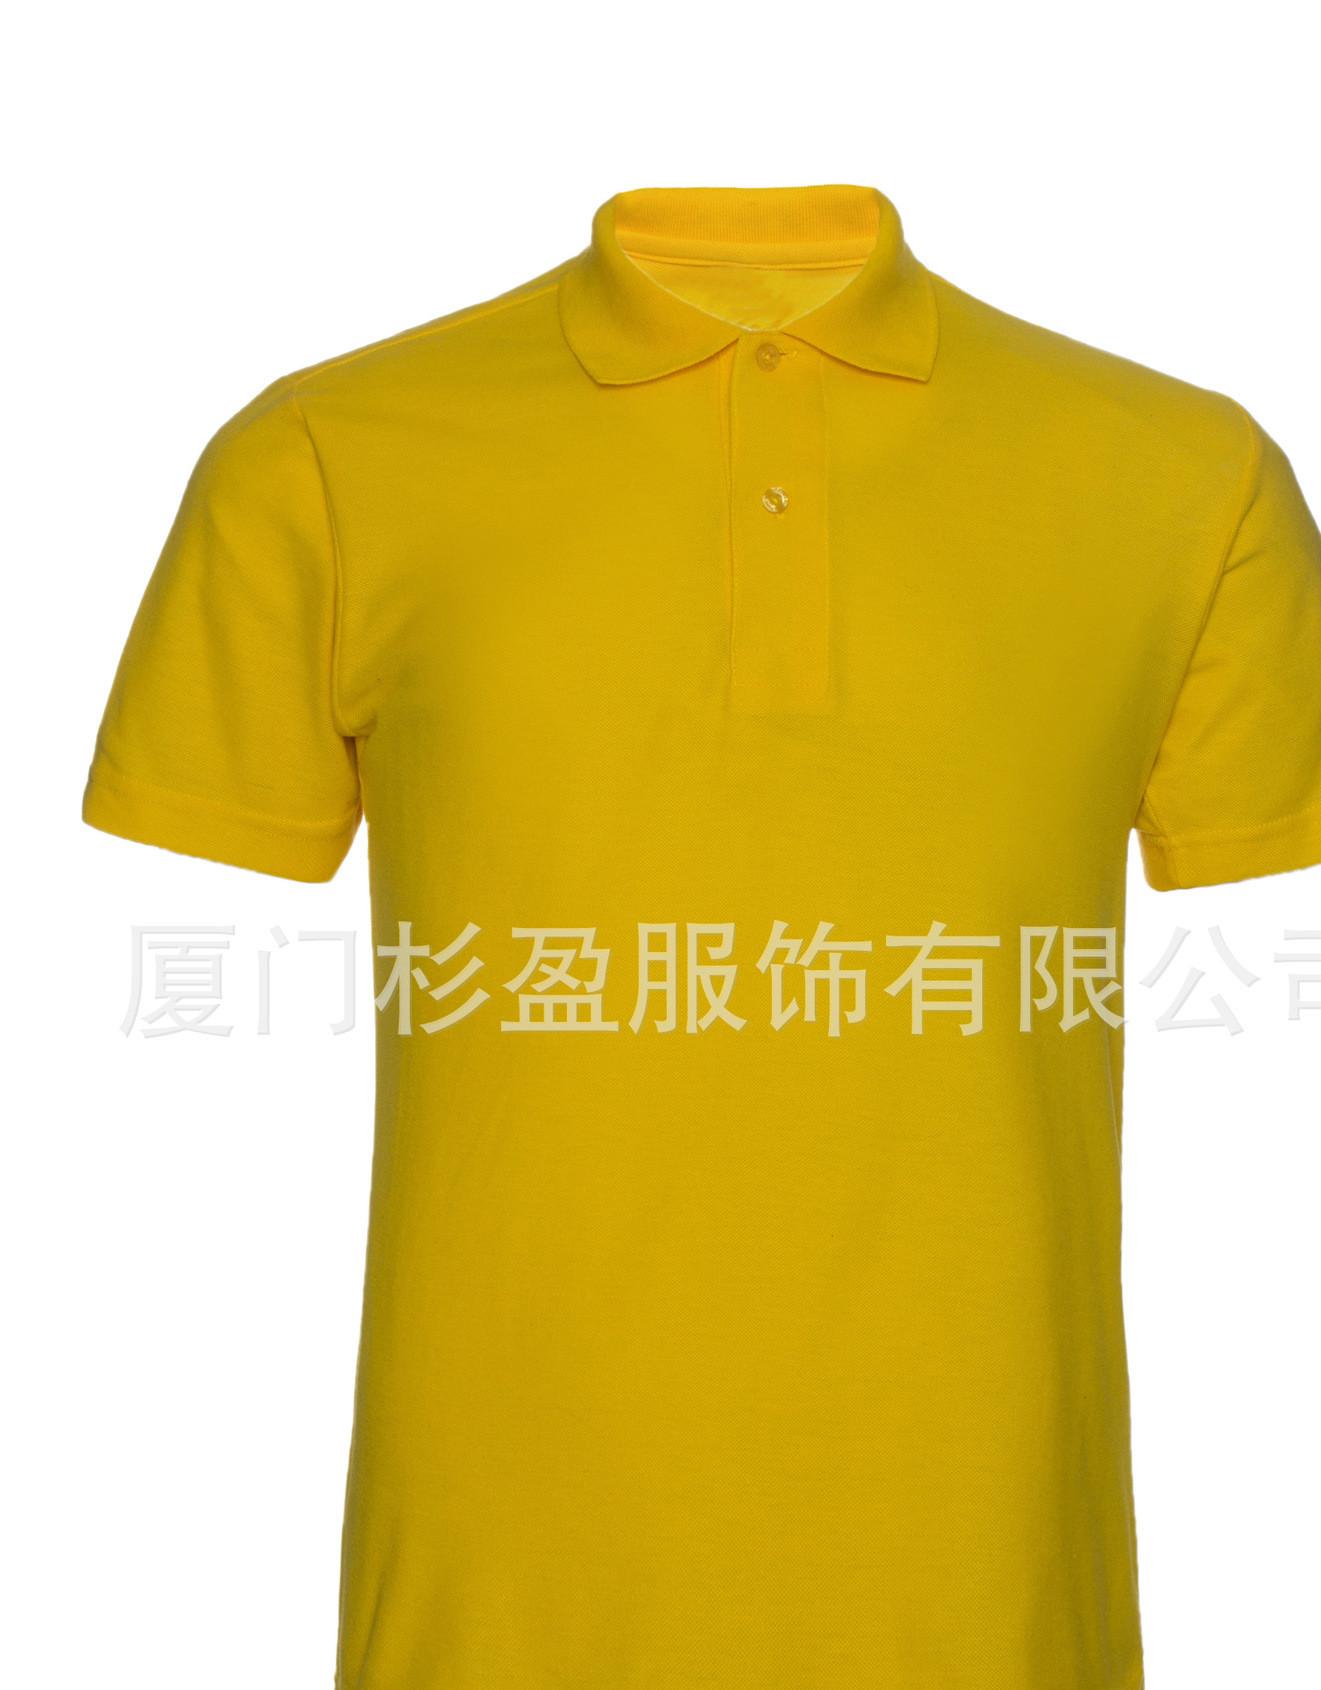 班服popo衫定制广告衫文化衫定做聚会服T恤短袖印logo